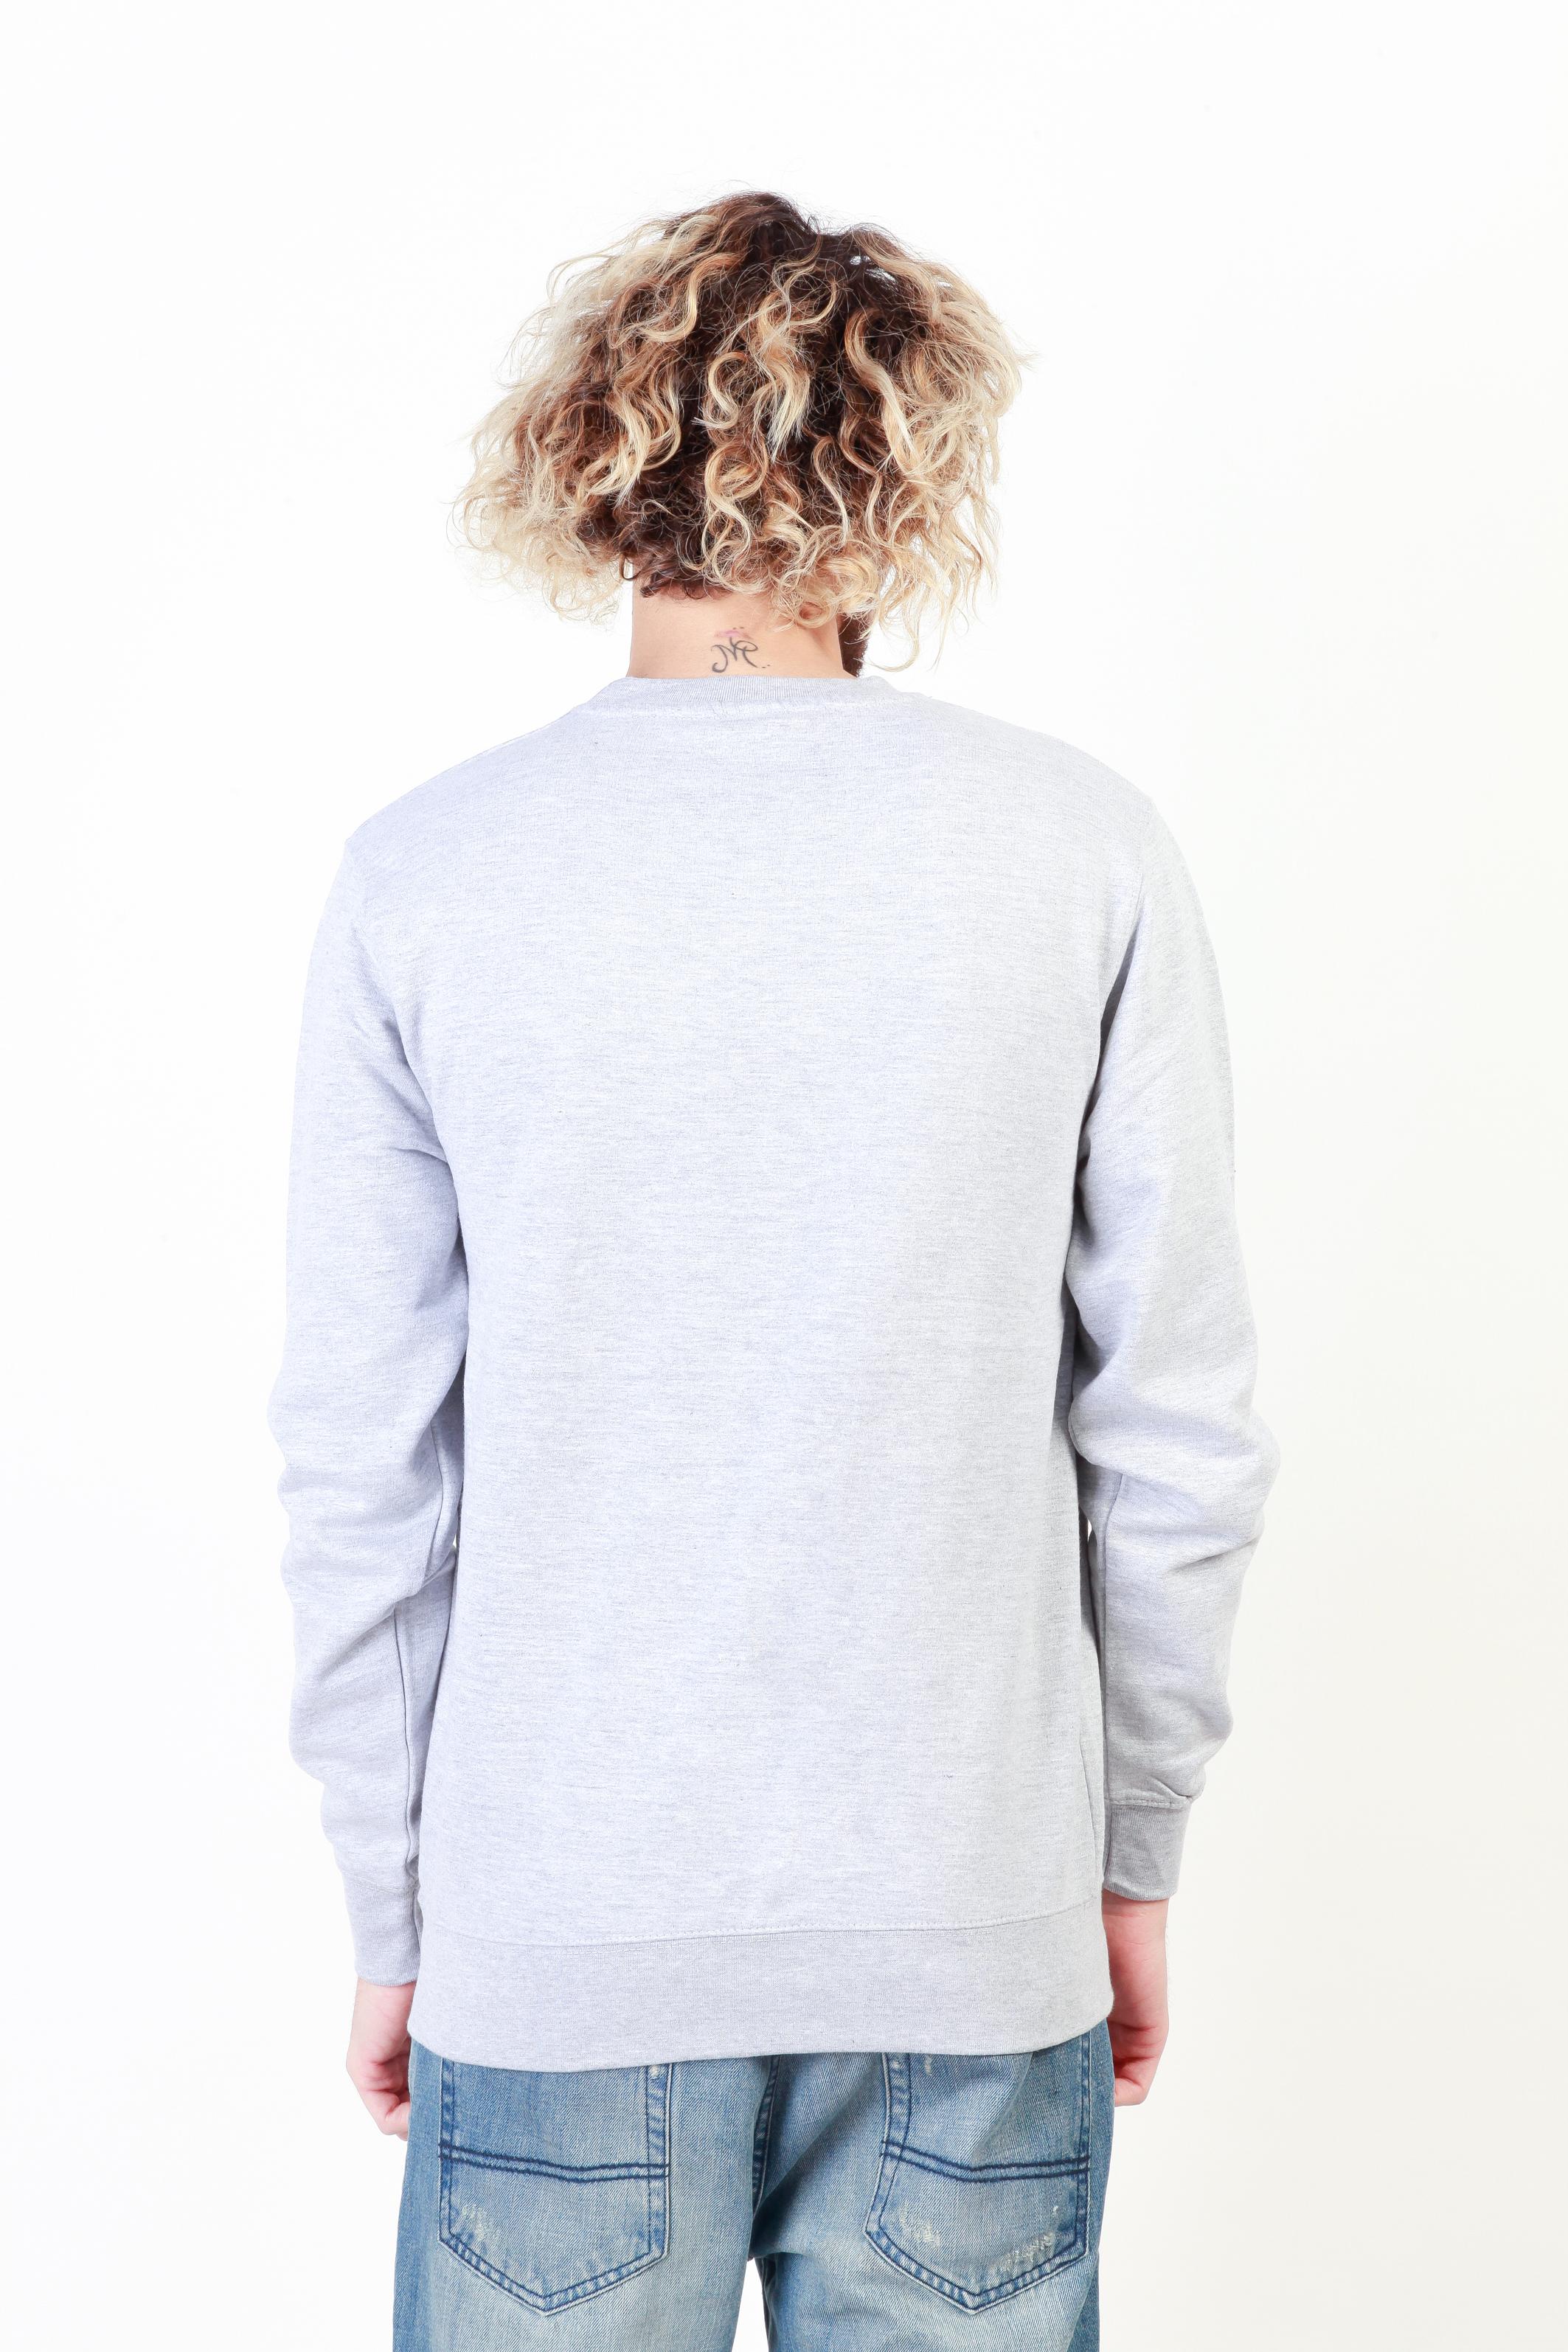 Sweatshirts  Star Wars FAMCS743 grey